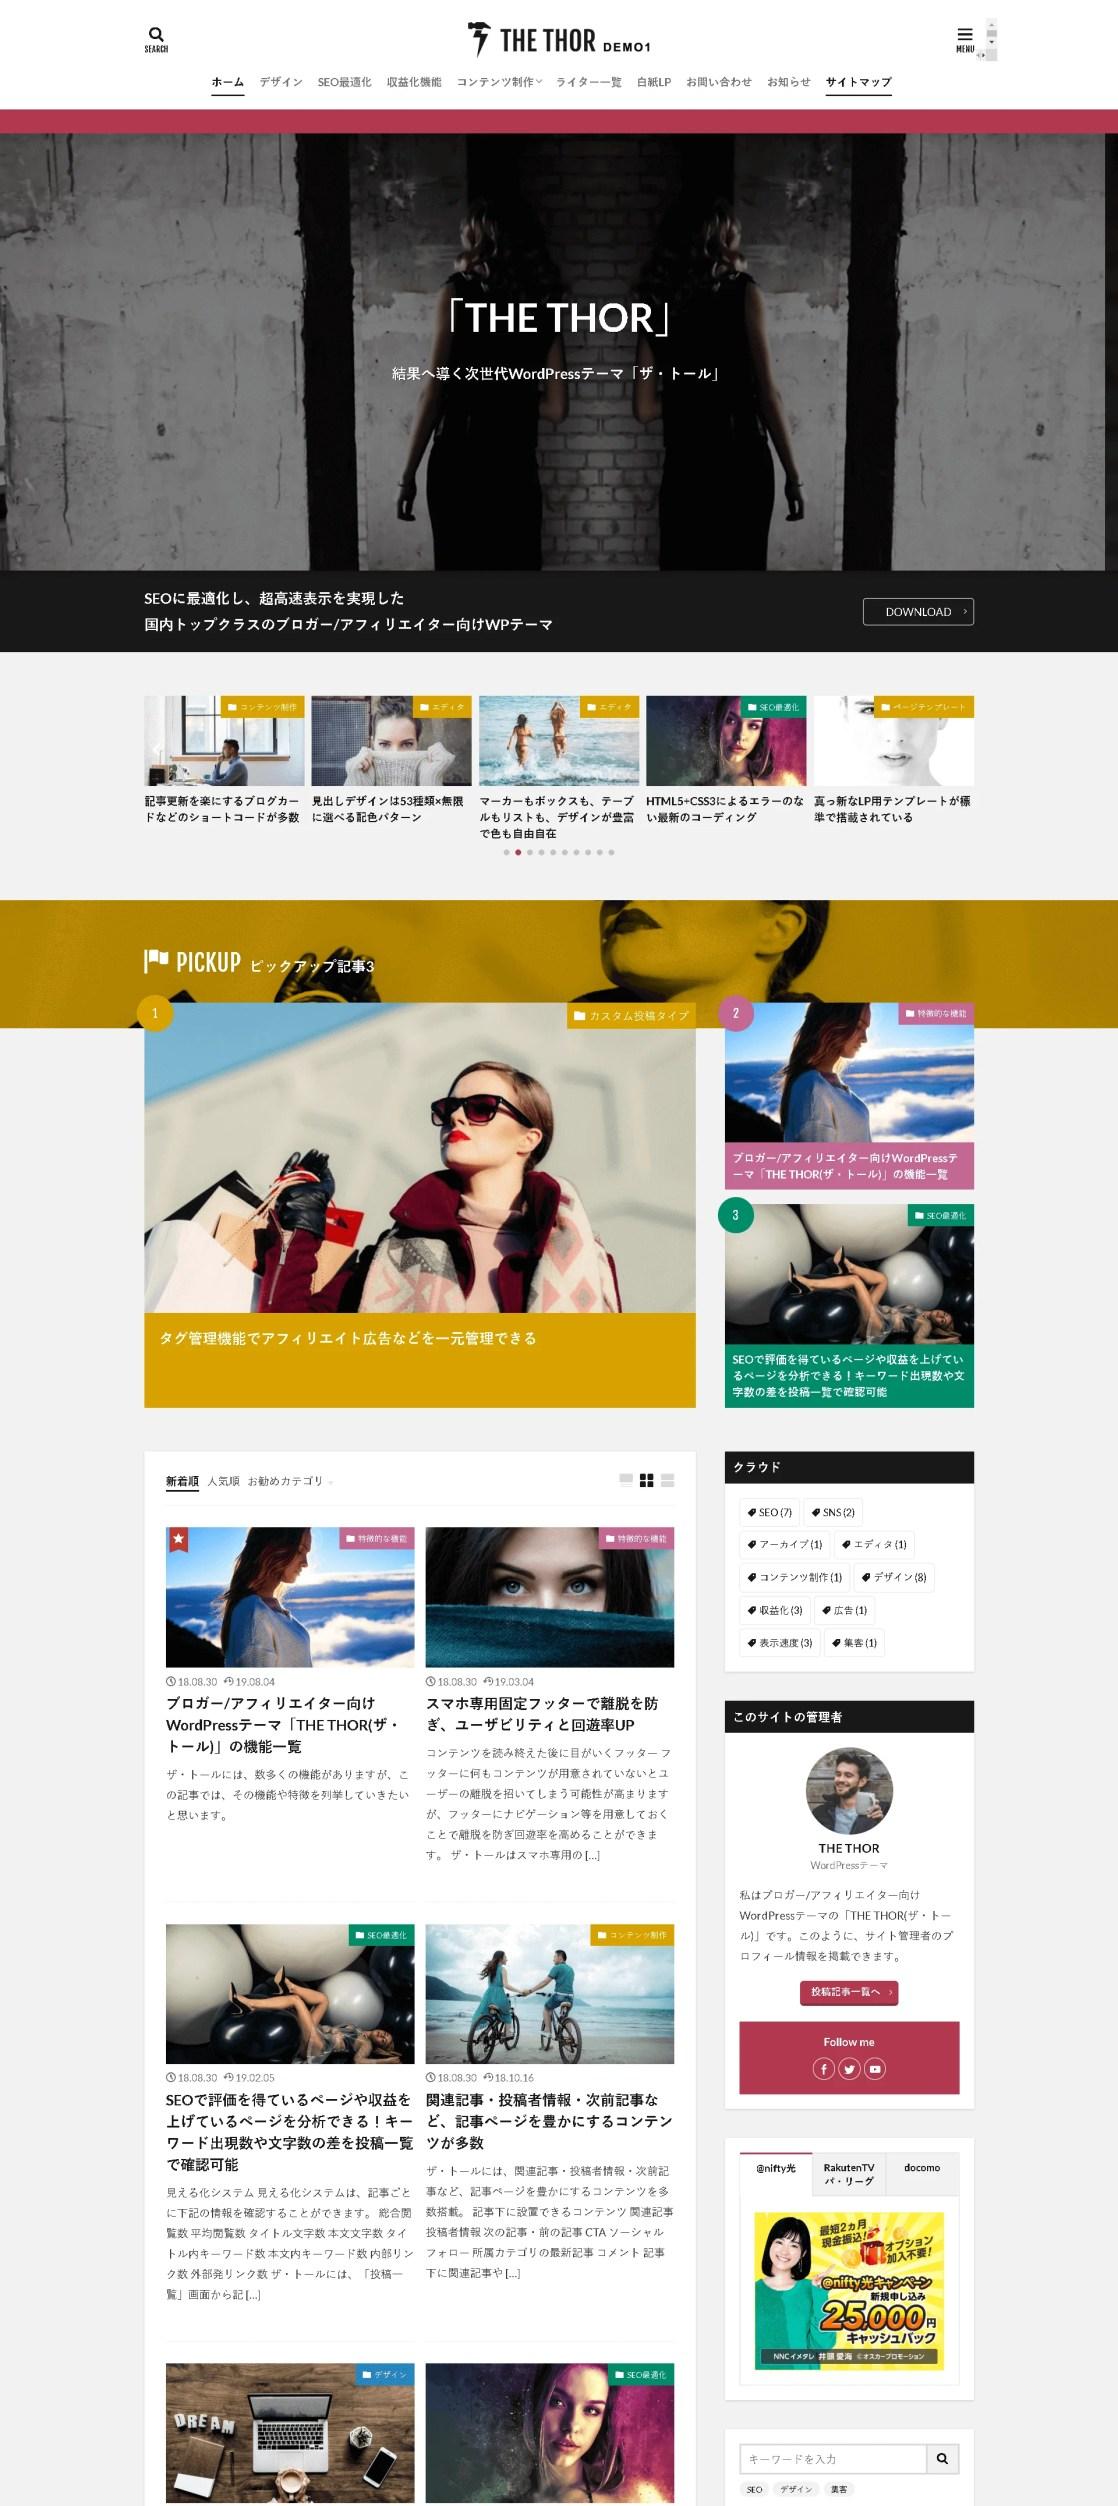 ザ・トールデモ (Webメディア型デザイン)